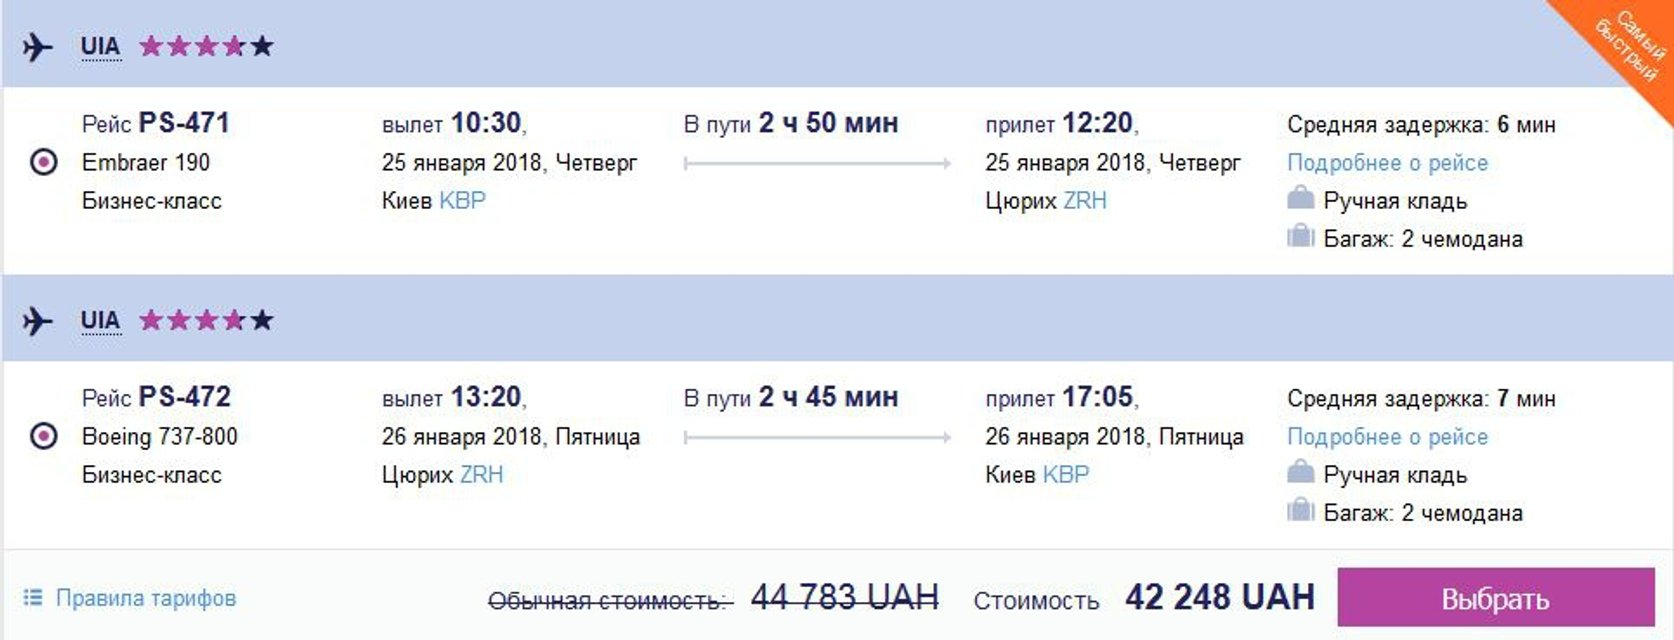 VIP-клиент: Министр культуры Нищук потратил на командировку в Давос более 55 тысяч - фото 104285